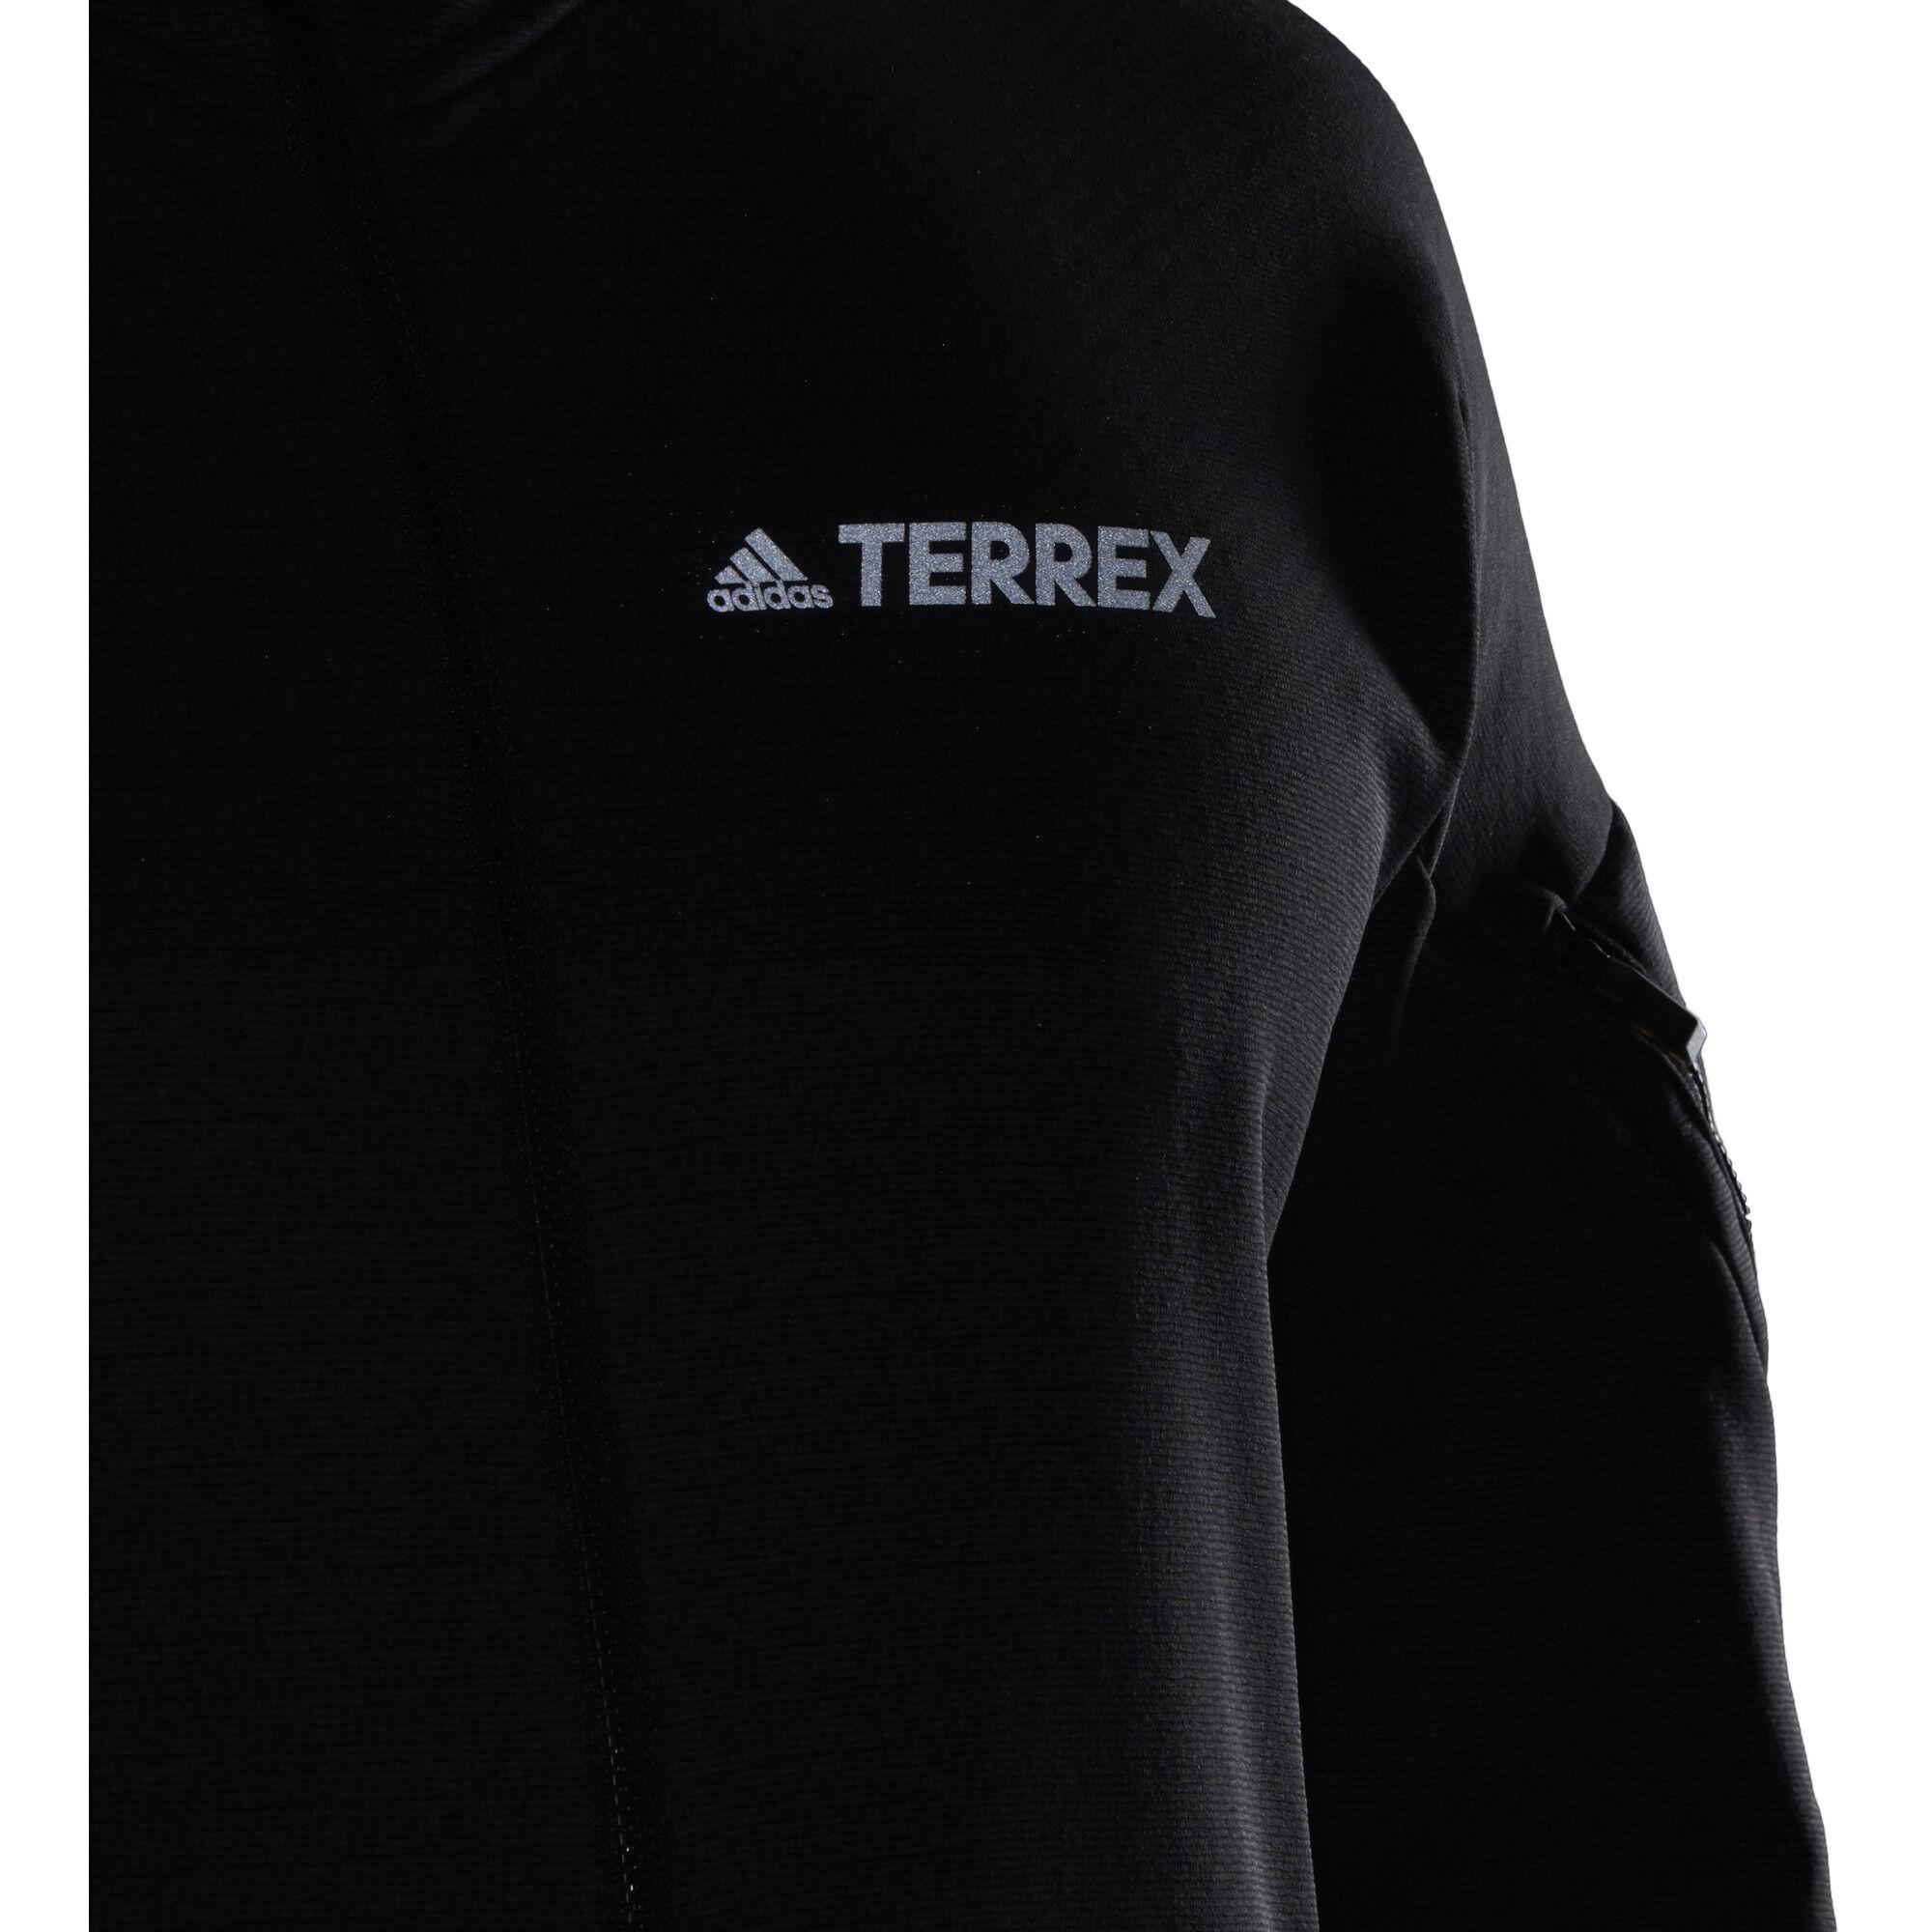 adidas TERREX Climaheat Kapuzen Fleecejacke Herren black